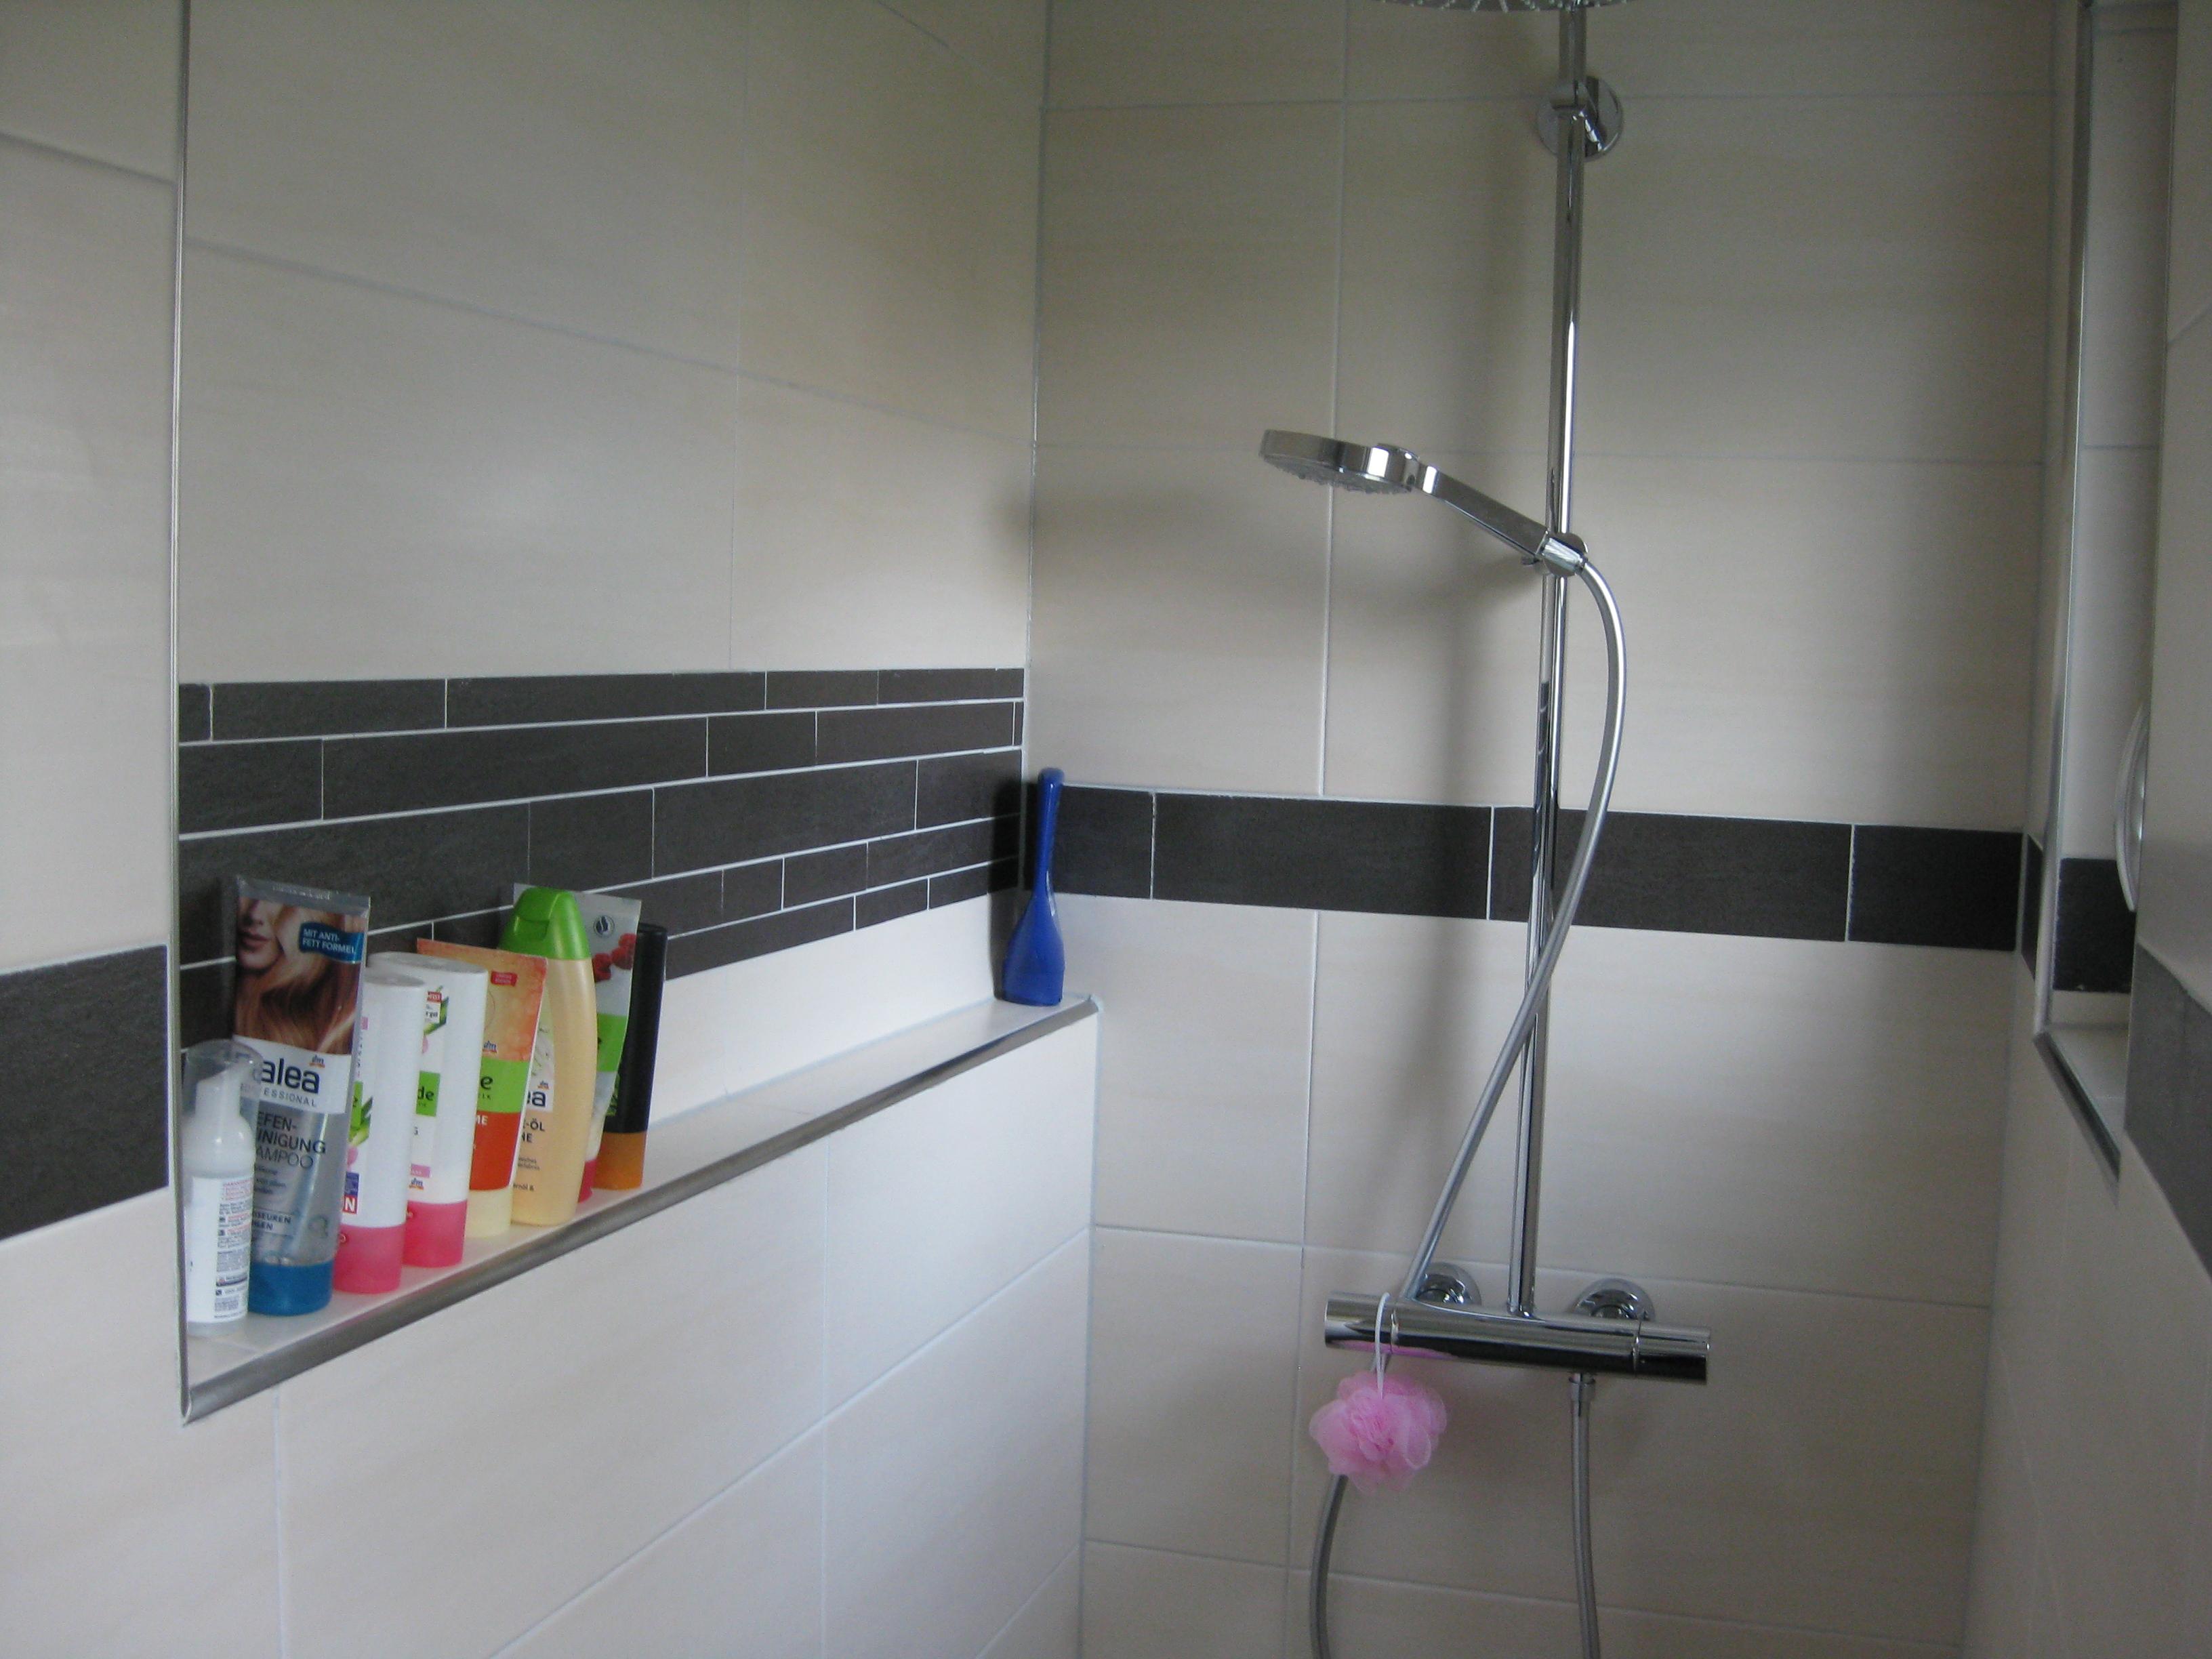 Ablage Für Dusche. ablage f r dusche haus ideen. ablage f r dusche